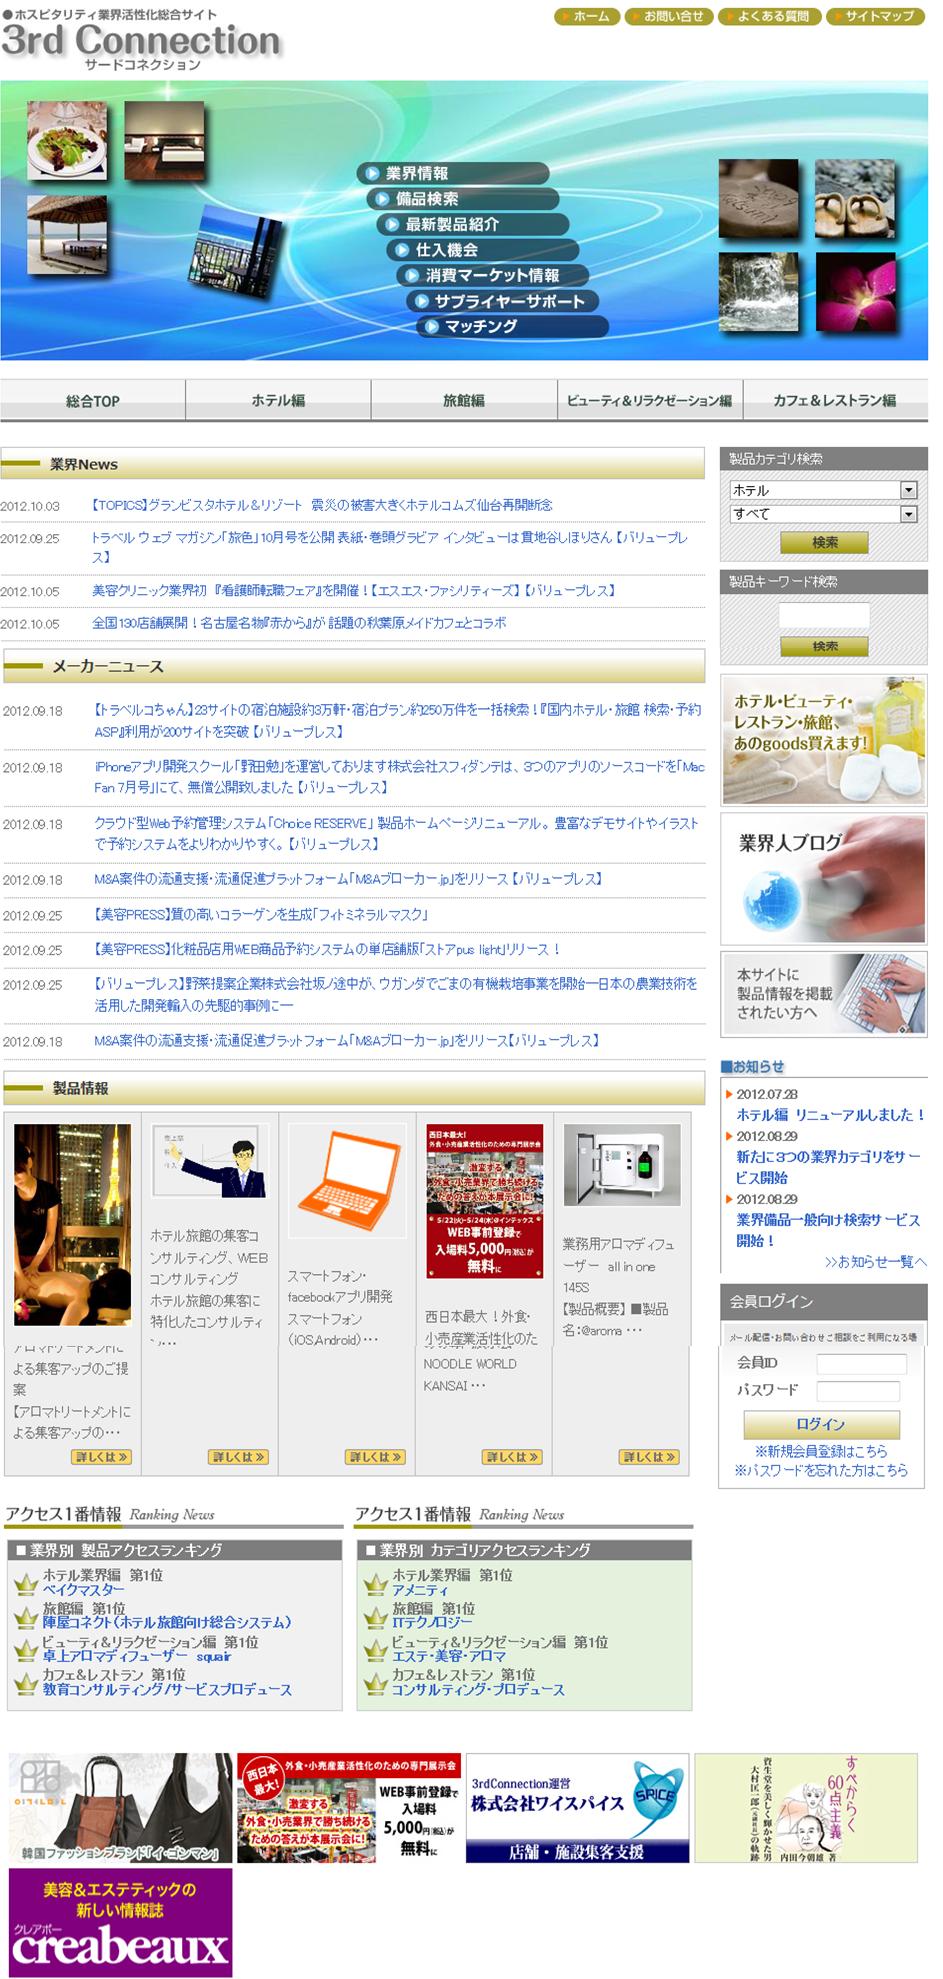 「3rd CONNECTION(サードコネクション)」は、このたび新たなコンテンツとして各業界の著名人のブログを一同に集めた「業界人ブログ集」を追加いたしました。